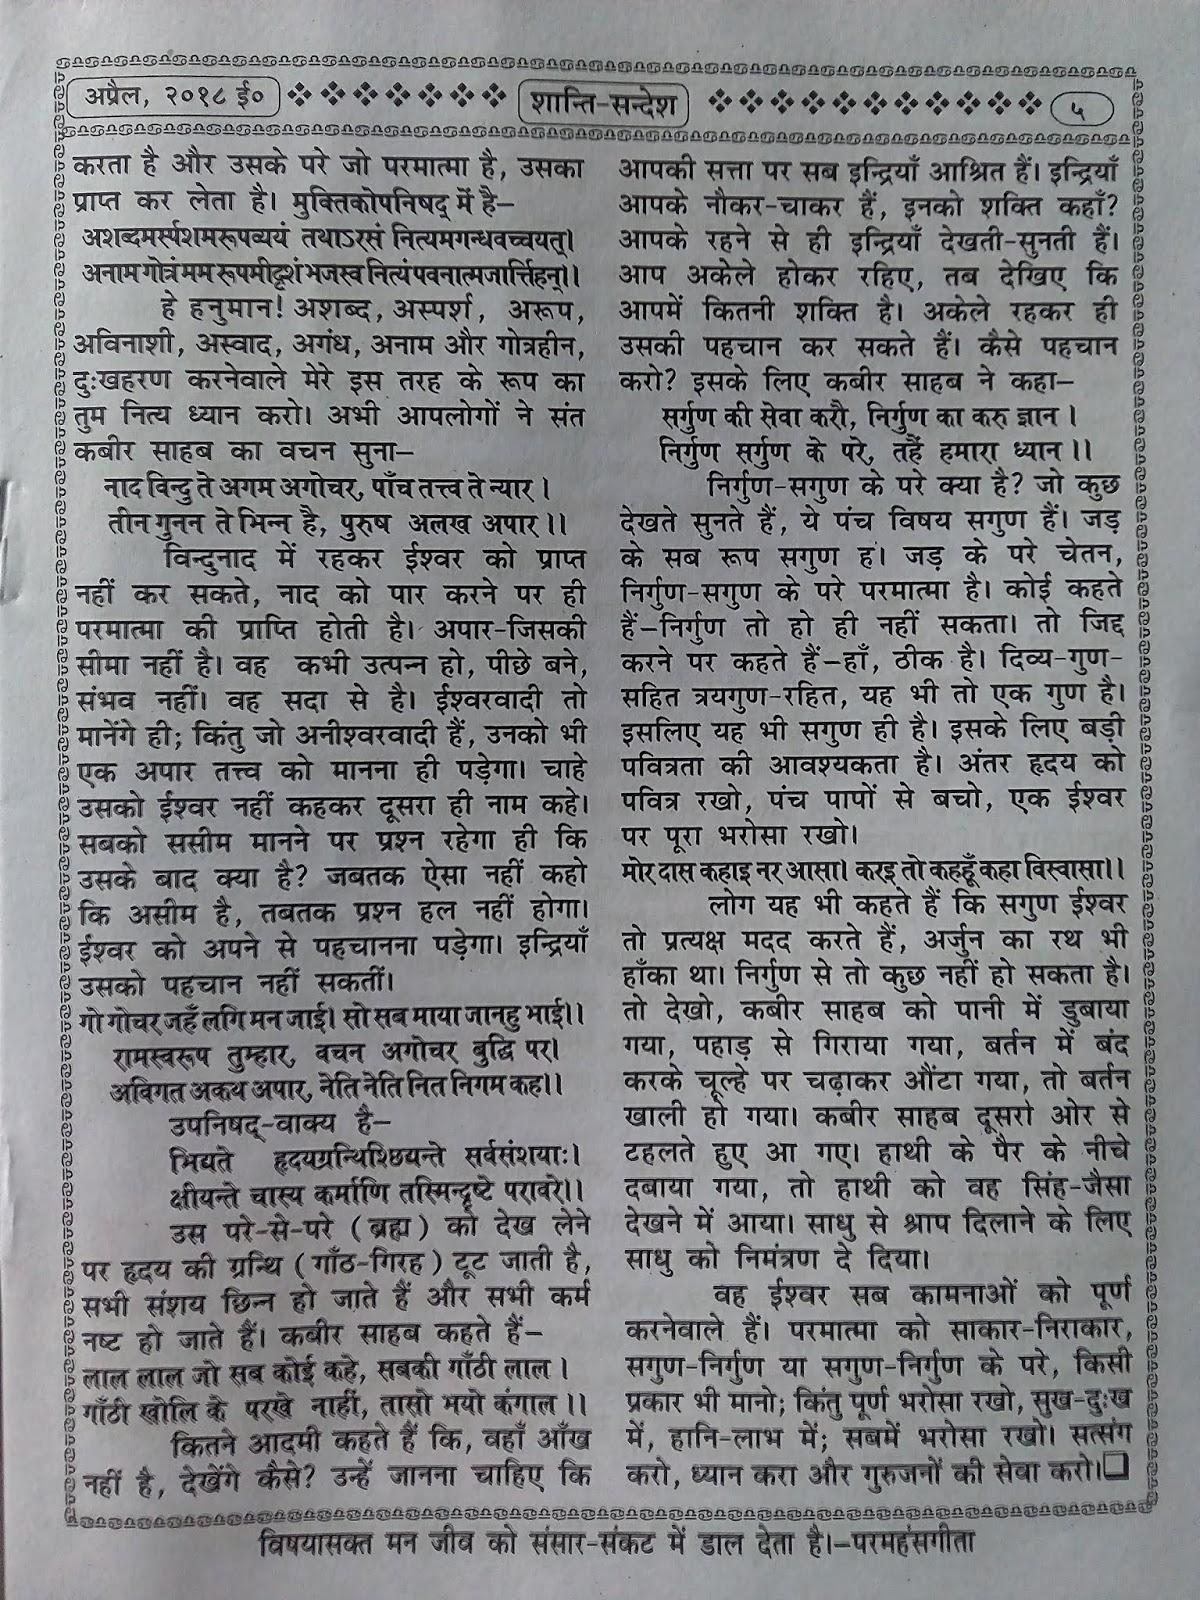 S34, How to do bhakti-bhakti which fulfills all desires--सदगुरू महर्षि मेंहीं/सत्संग ध्यान। मनोकामना पूरक प्रार्थना कैसे करें प्रवचन समाप्त